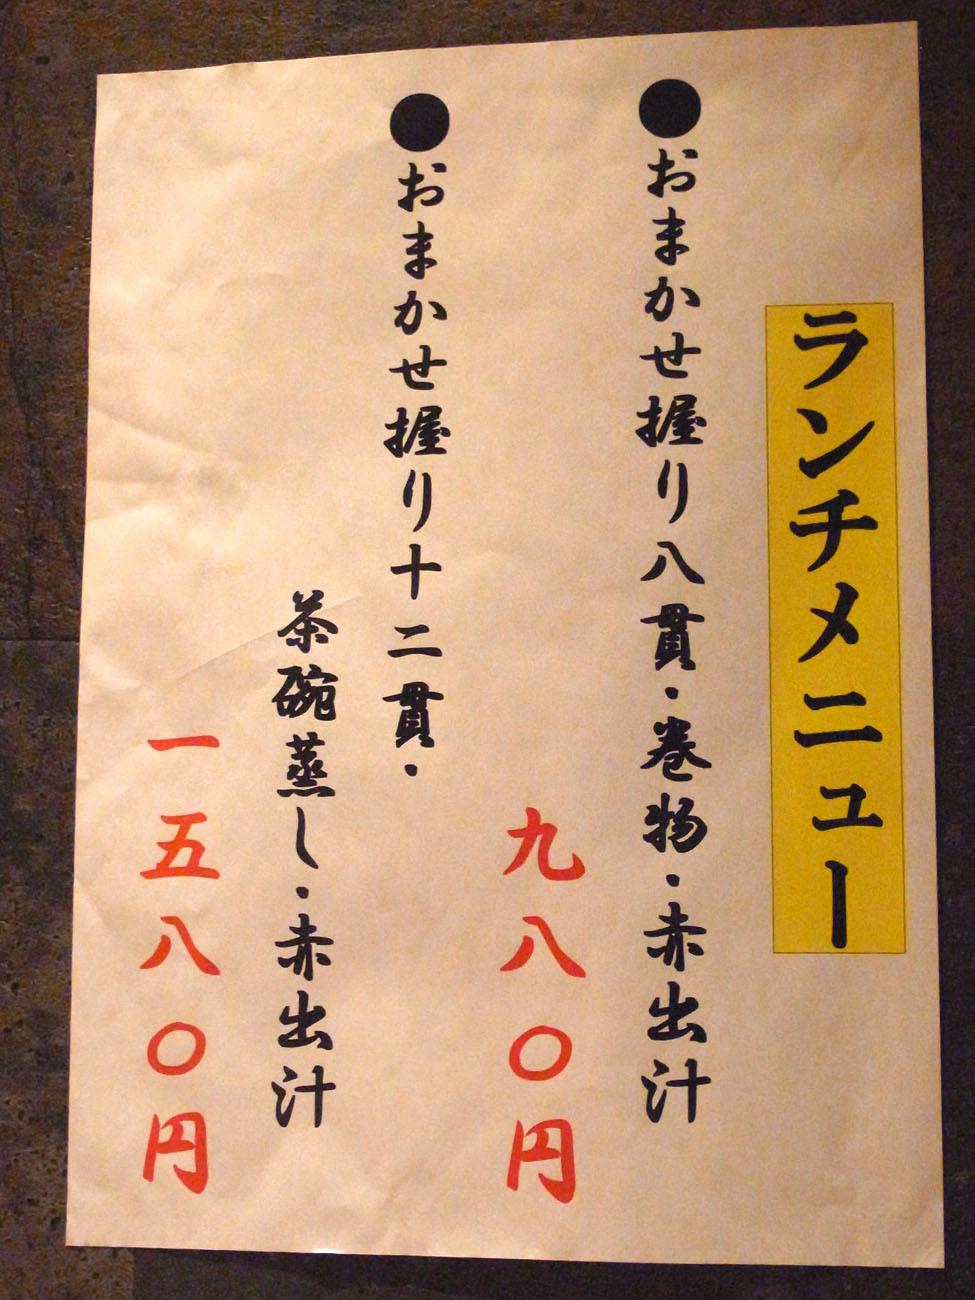 インドマグロ、天然ヒラメ、金目鯛など贅沢な12貫にぎりに舌鼓!〔寿司処 おか村/寿司/JR新福島〕_f0195971_10032549.jpg